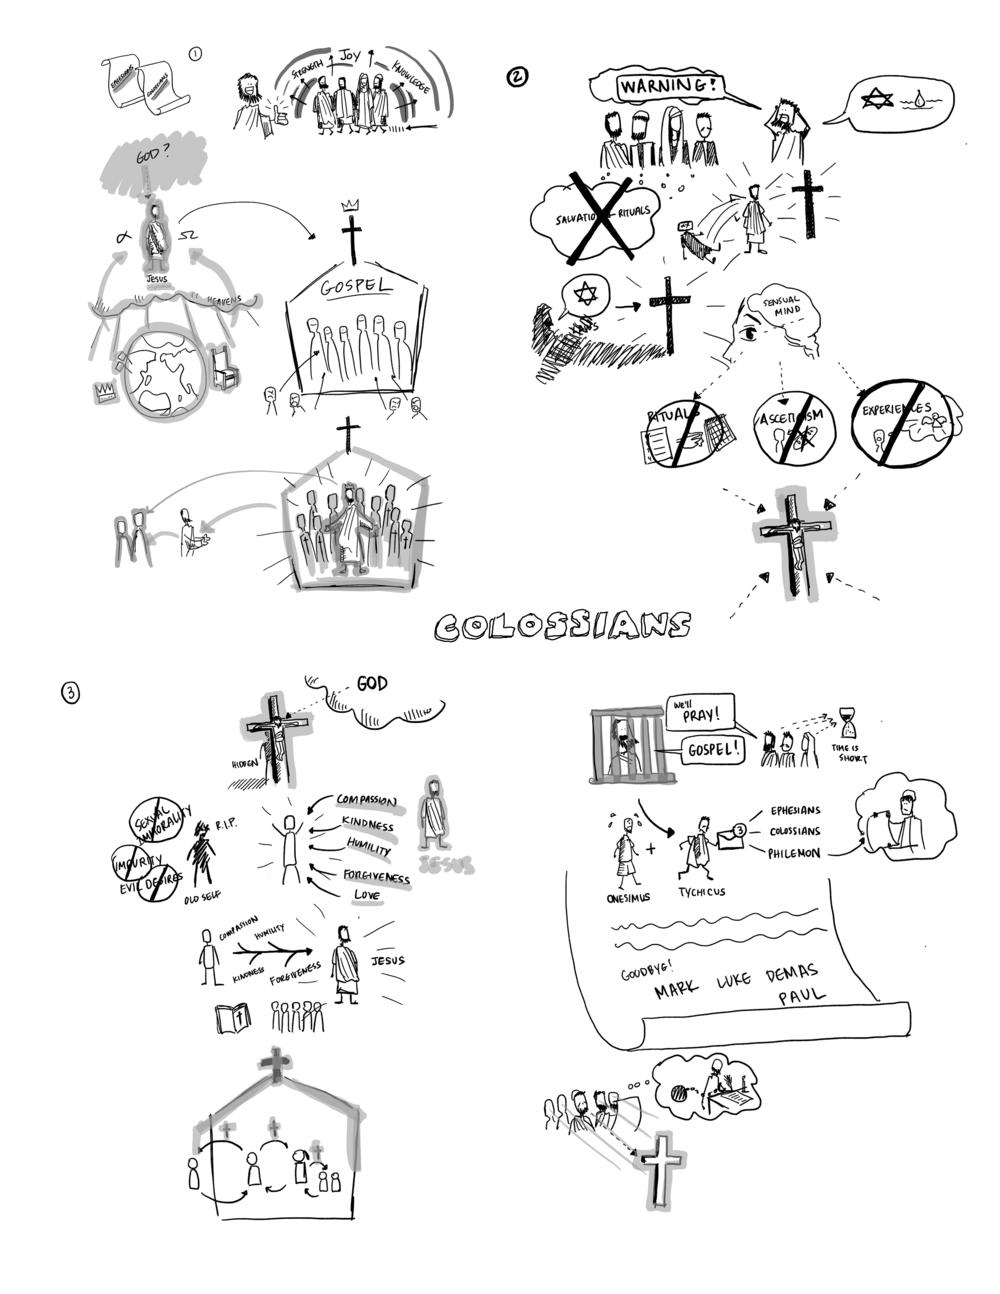 The Letters - Colossians Doodle Image - Berk Daniel Kim 2016.07.08.jpg